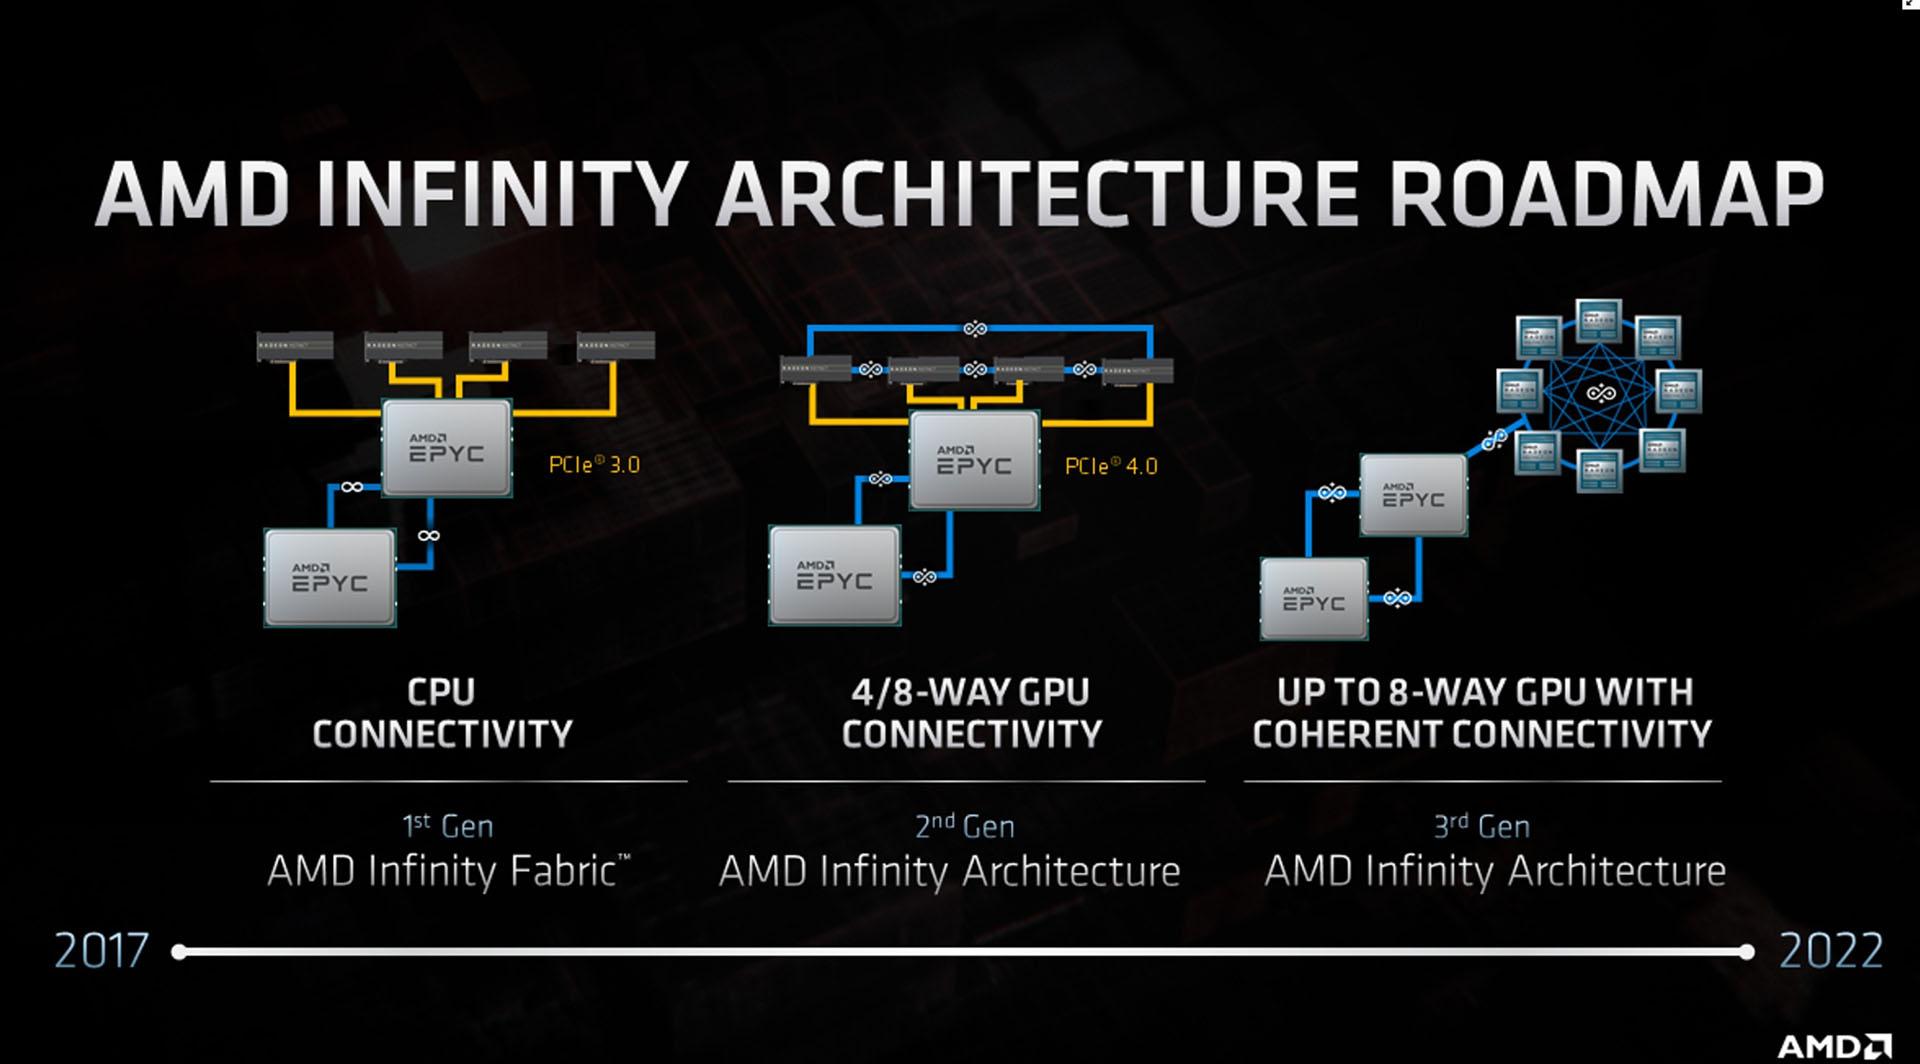 Amd Set To Release Navi 2x Gpus And Zen 3 Cpus In 2020 Cpu News Hexus Net